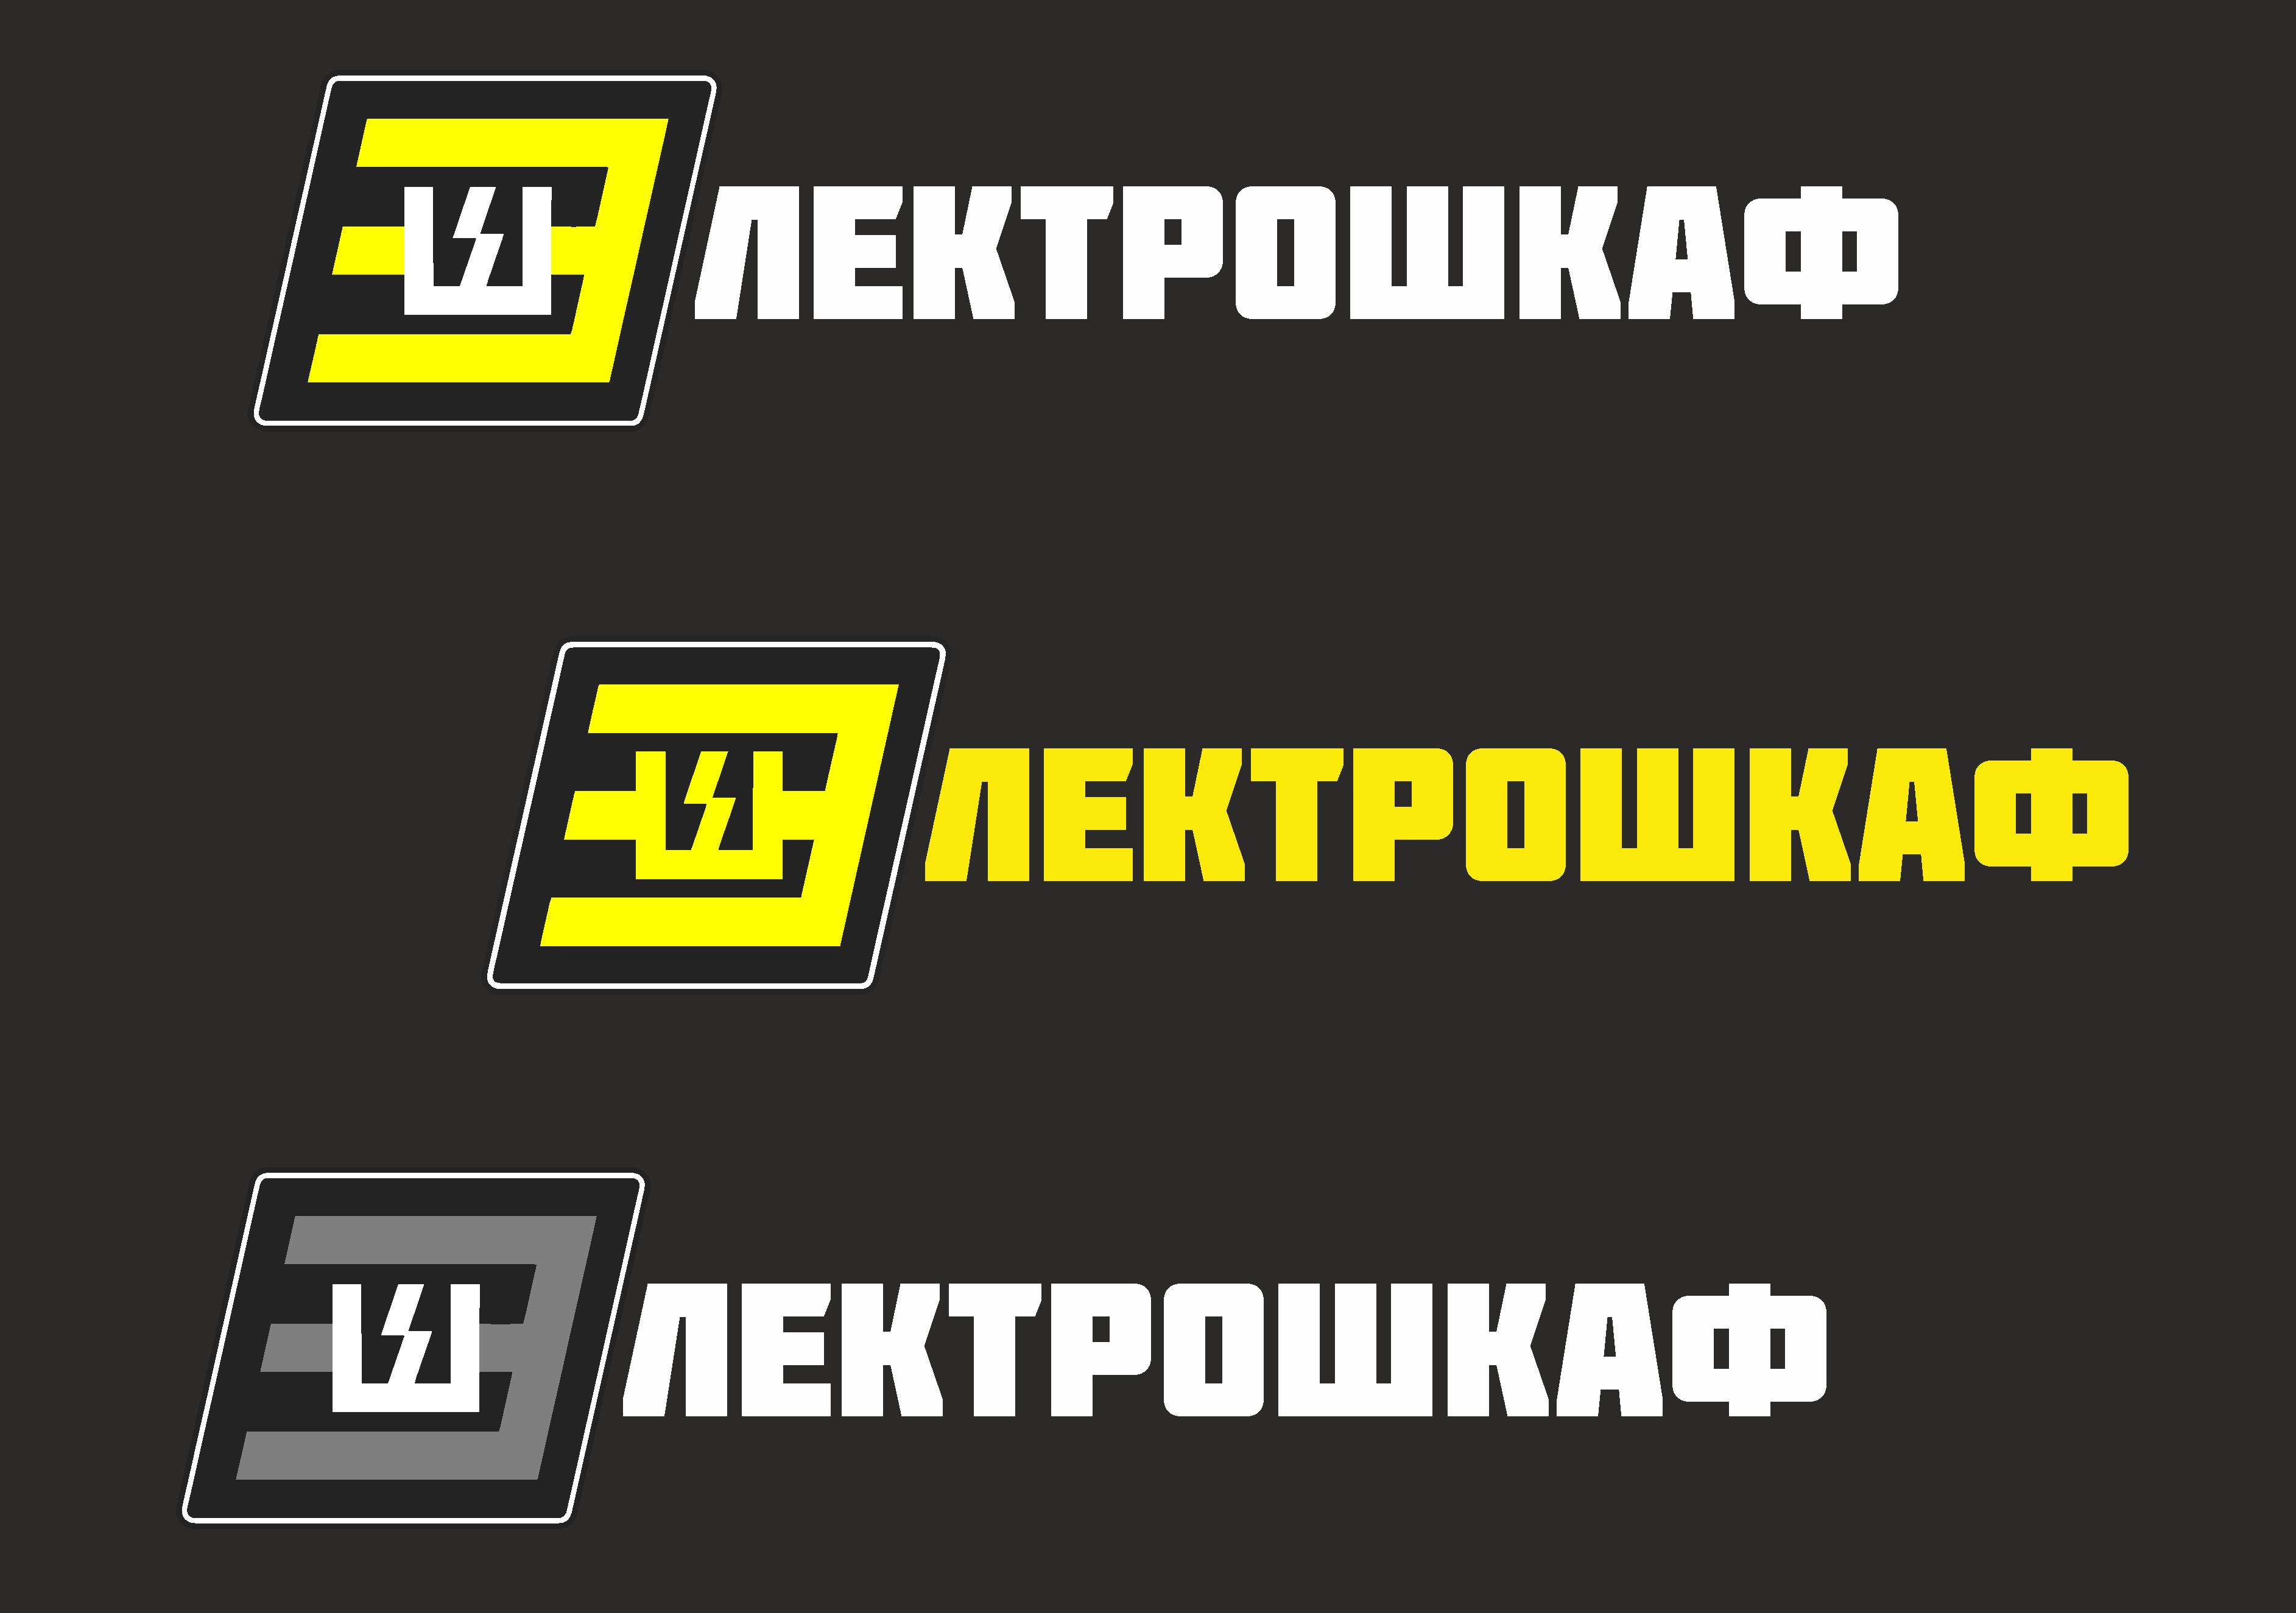 Разработать логотип для завода по производству электрощитов фото f_5405b718e0612cd8.png